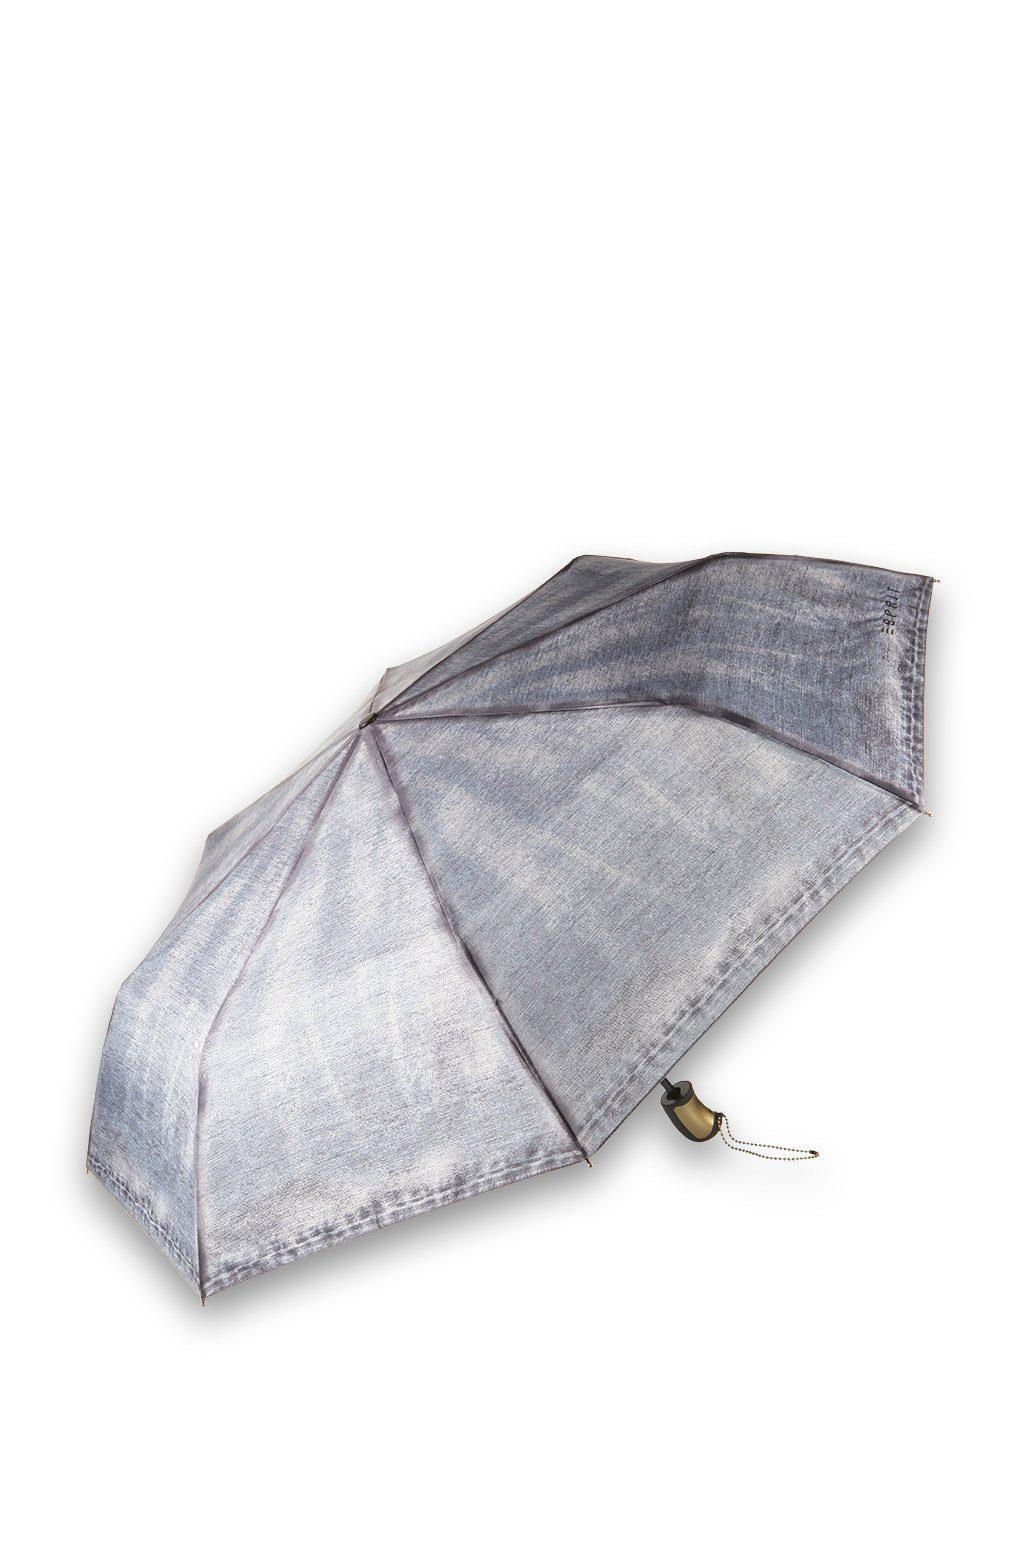 ESPRIT CASUAL Regenschirm im Denim-Look